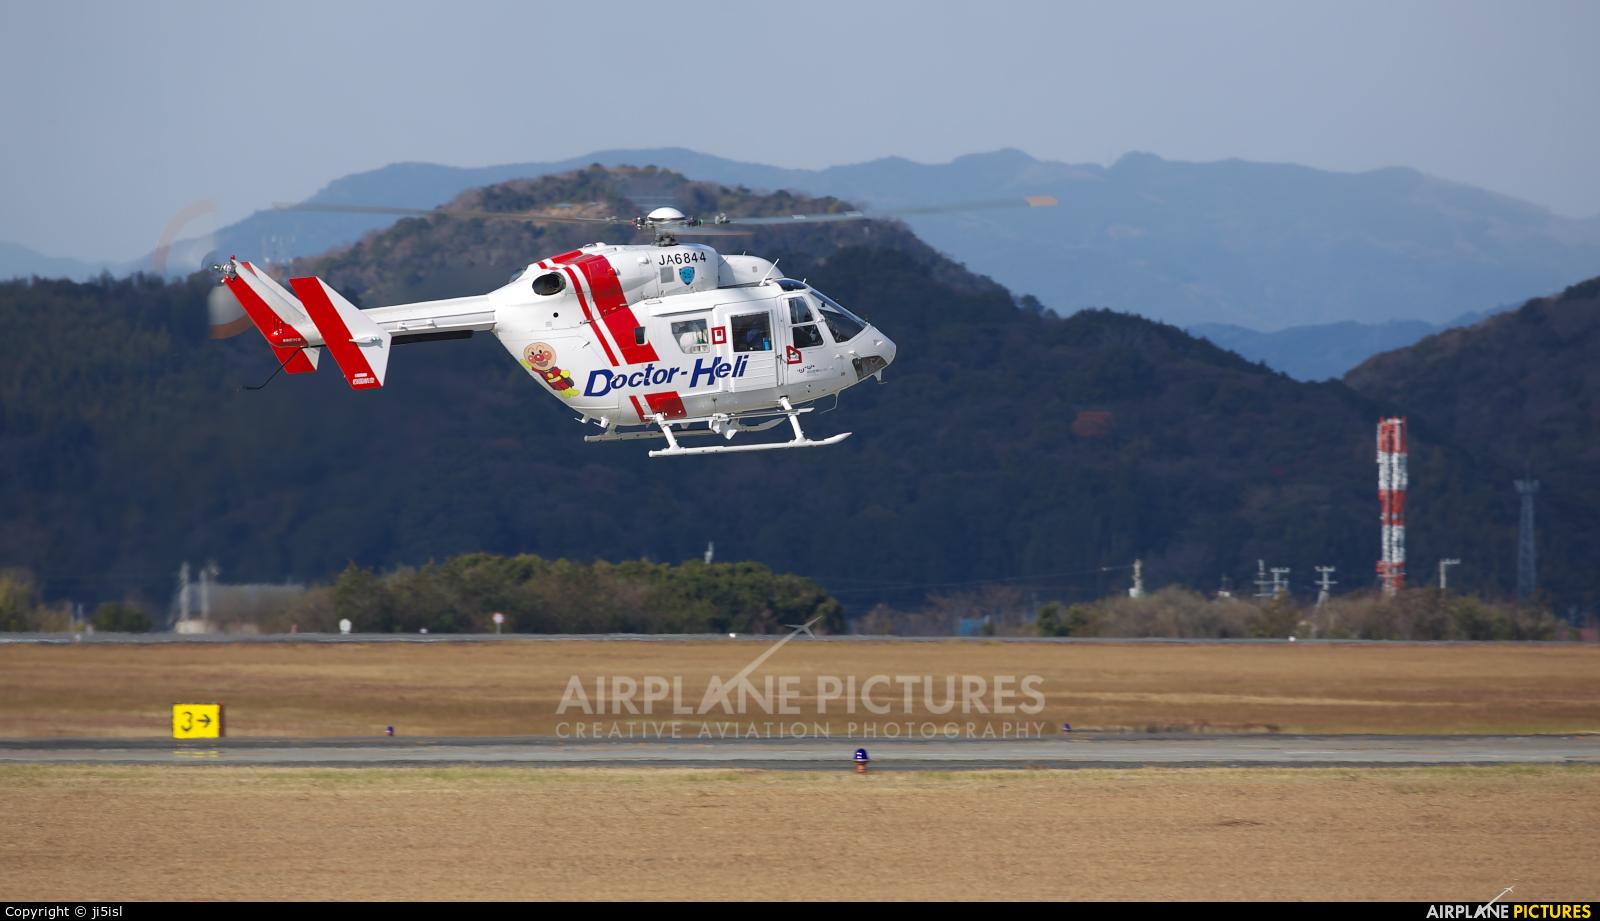 Shikoku Air Service Co JA6844 aircraft at Kōchi